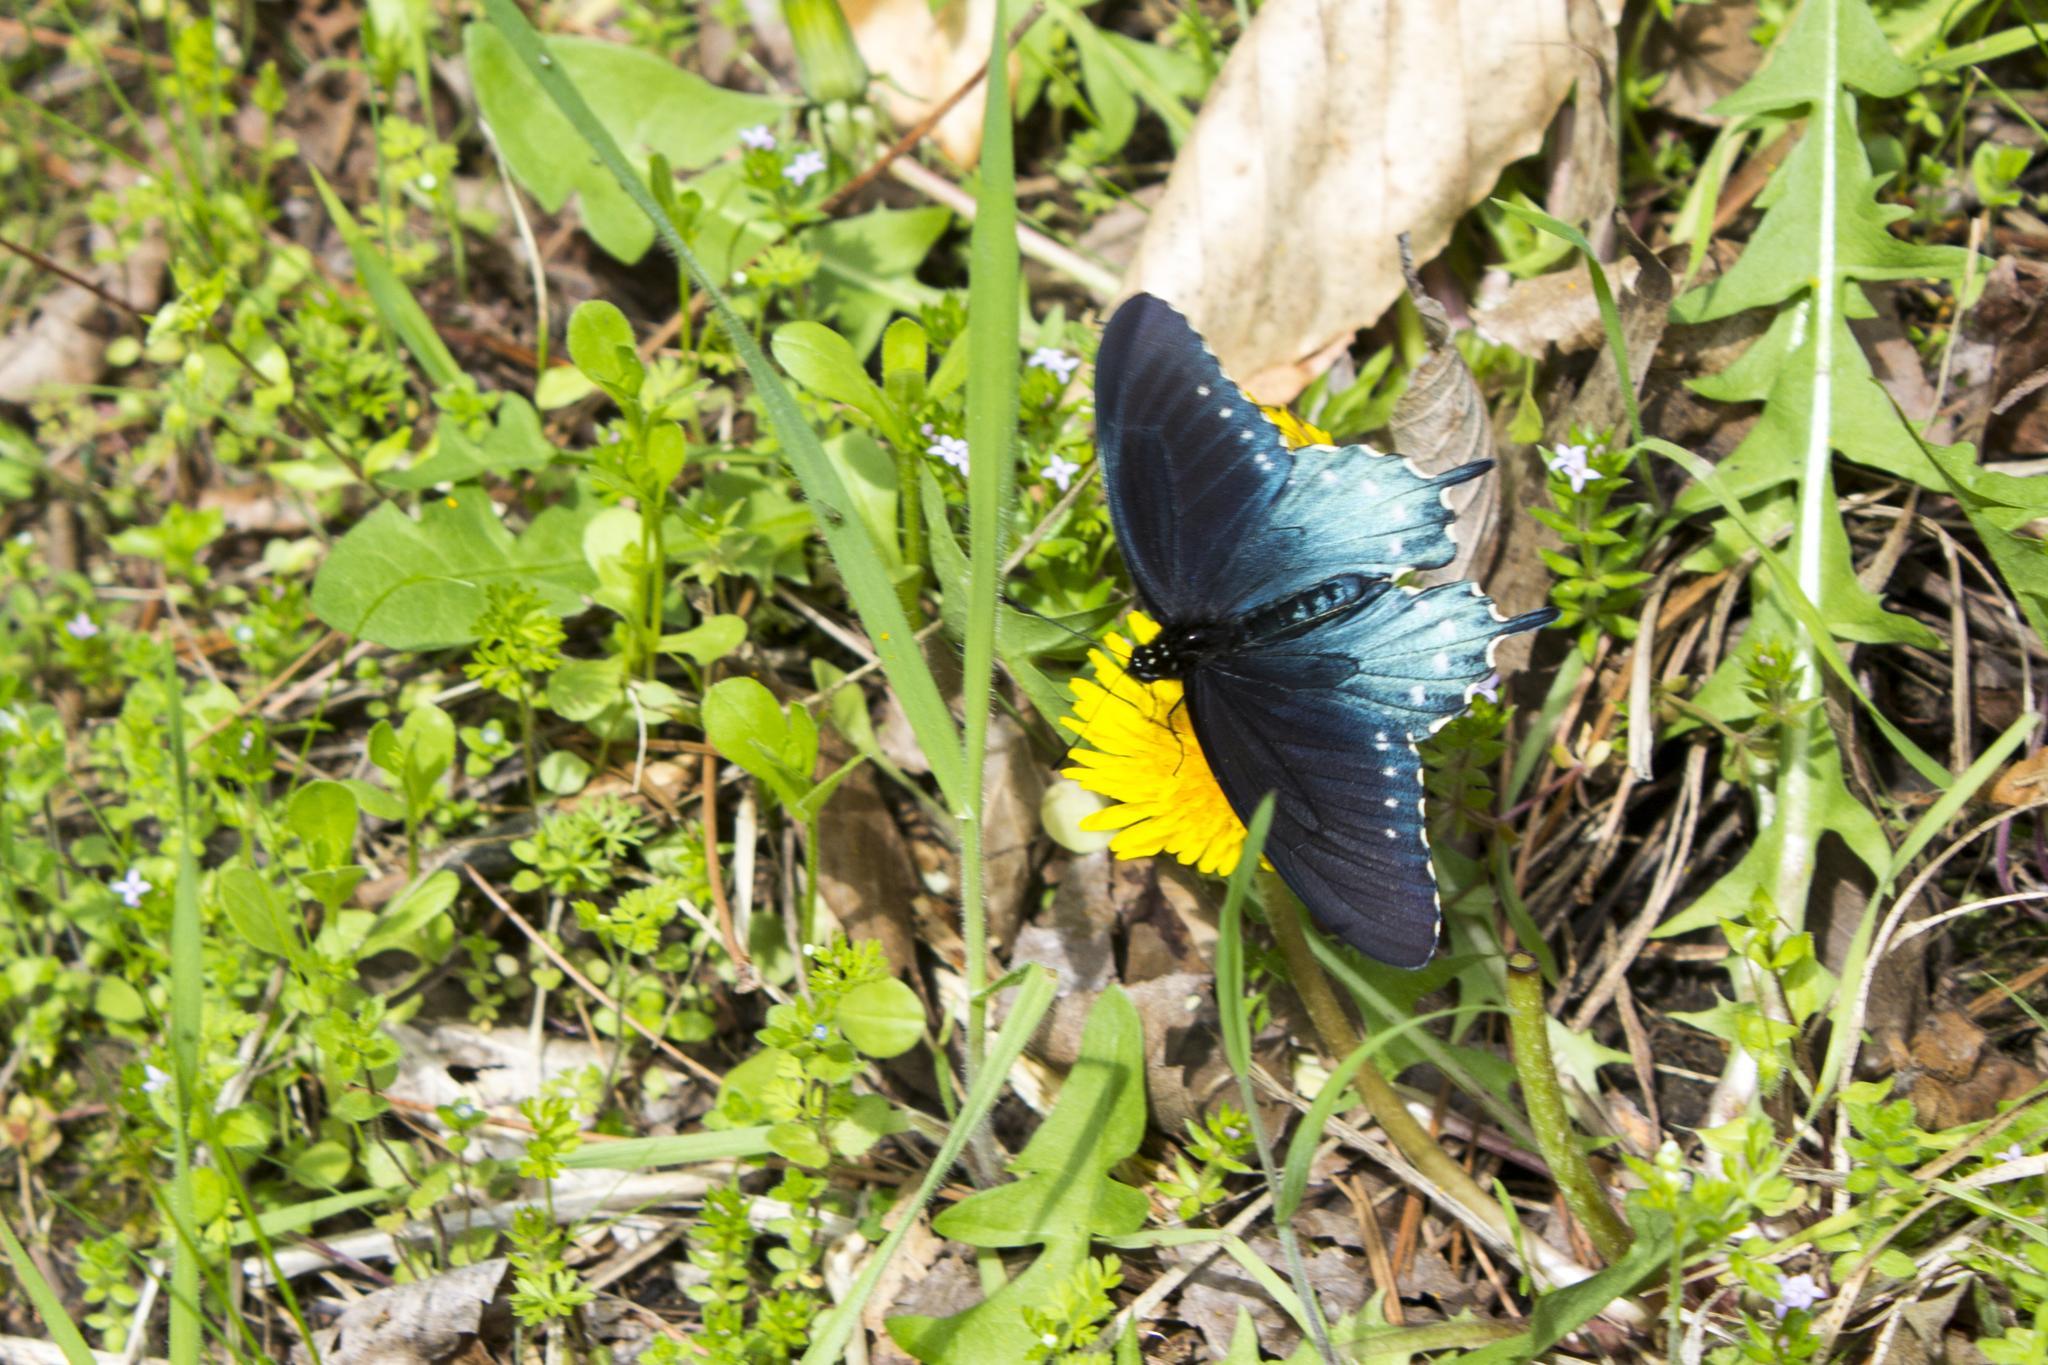 Butterfly on a dandelion flower by steve house